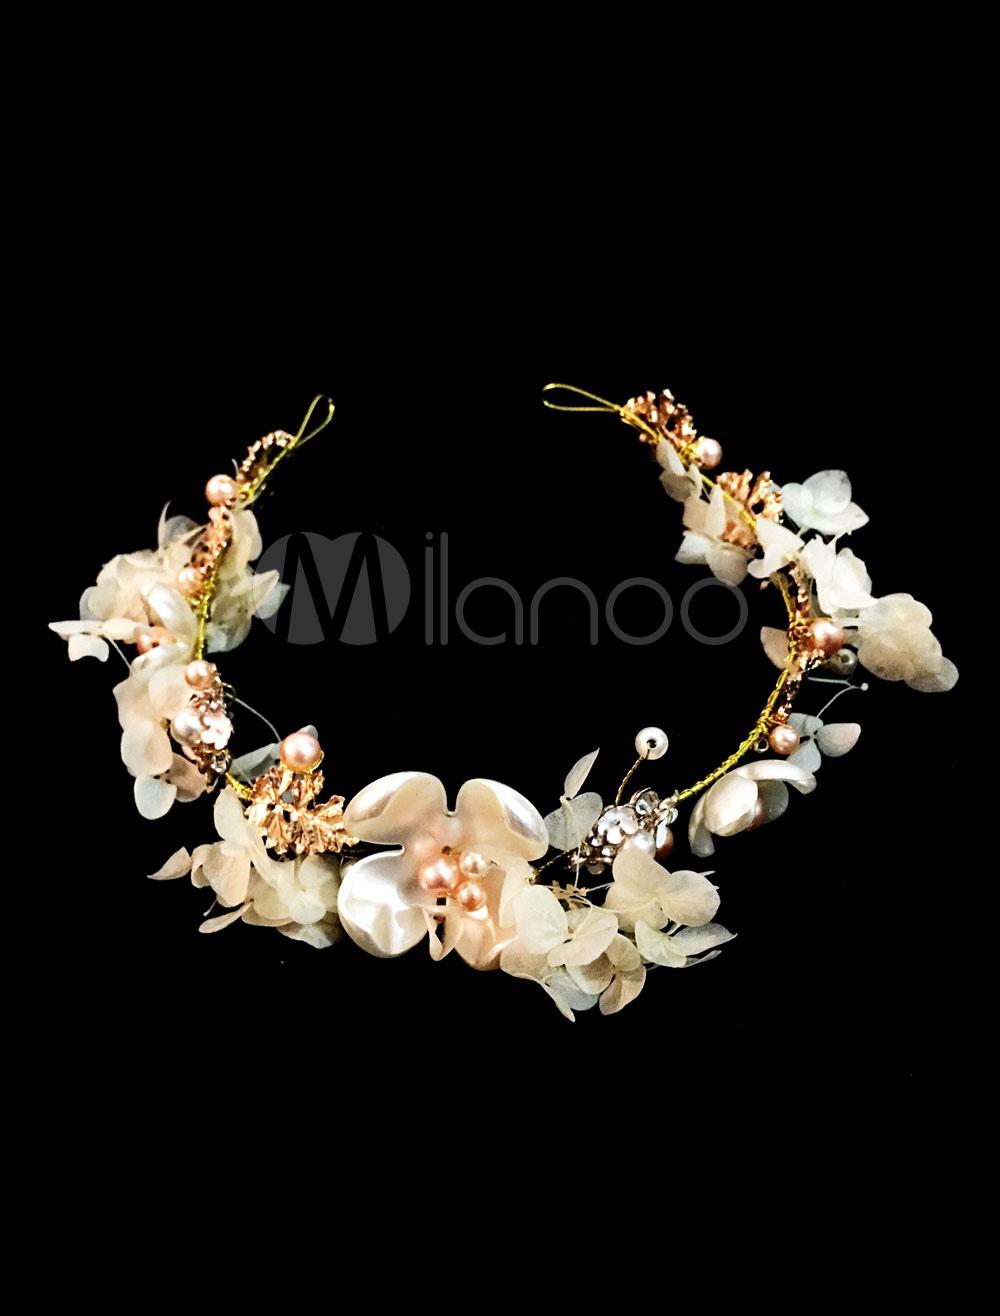 Wedding Flower Crown Gold Pearl Rhinestone Bridal Headpieces